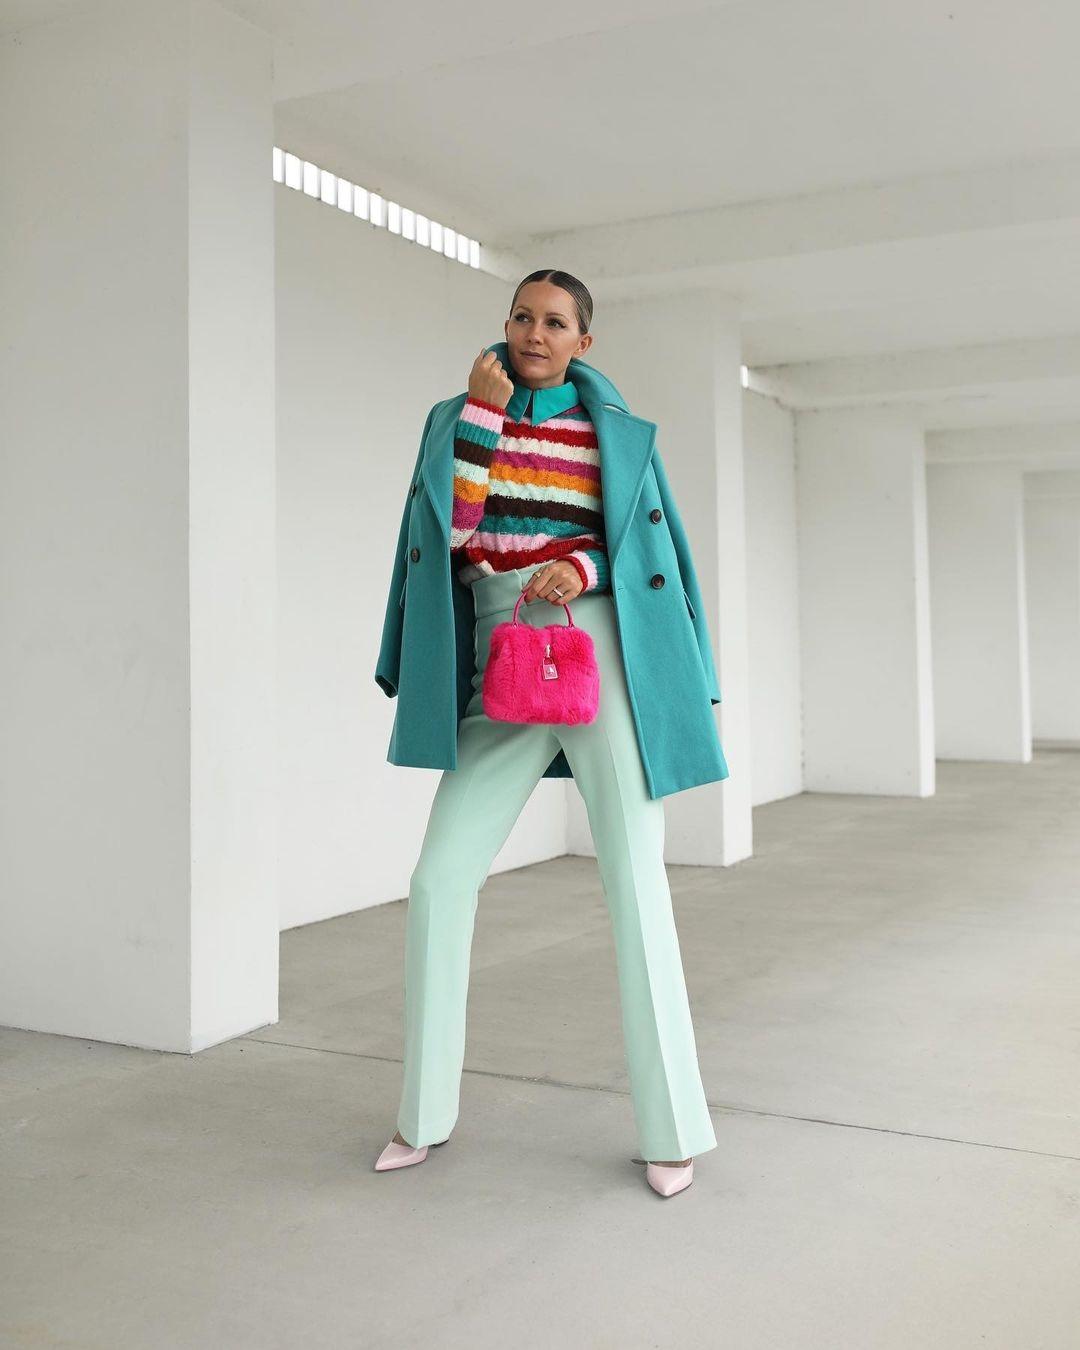 модный свитер осень зима 2021 2022 в полоску полосатый